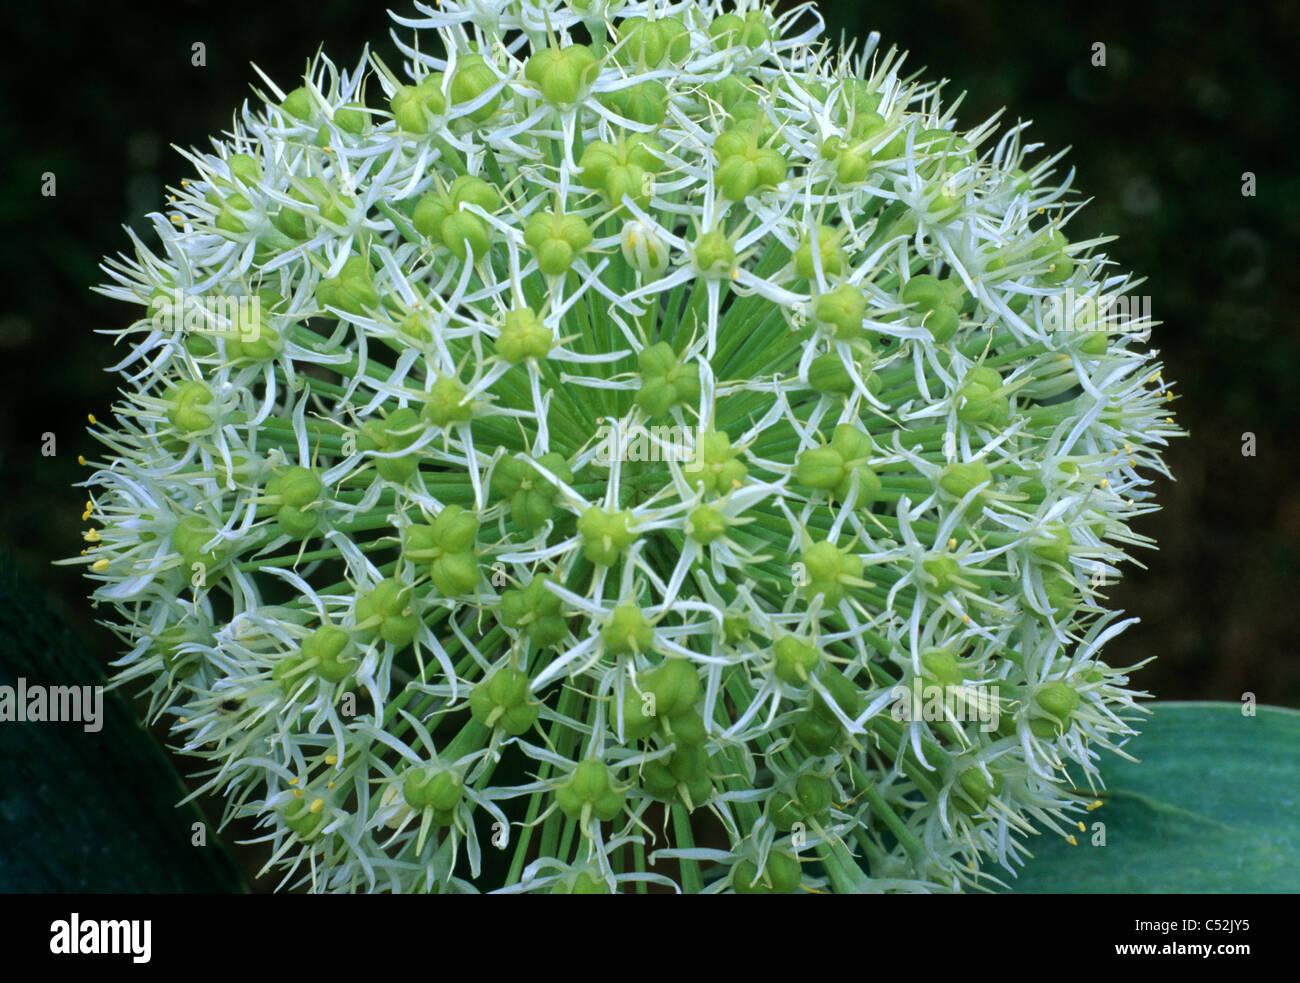 allium karataviense 39 ivory queen 39 alliums gartenpflanze pflanzen creme blume blumen zwiebel. Black Bedroom Furniture Sets. Home Design Ideas